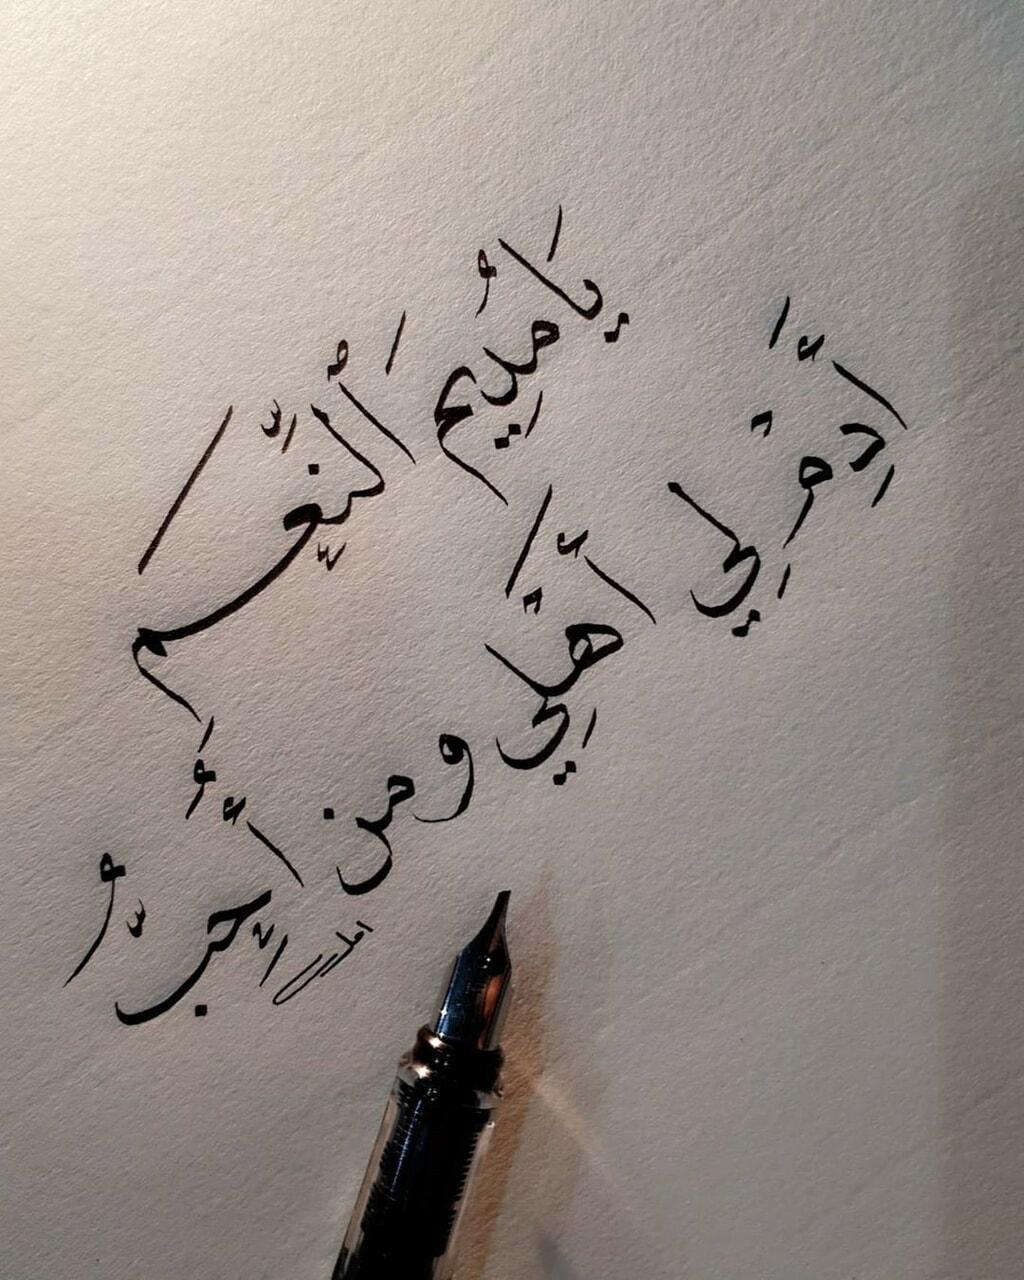 كتابات كتابة كتب كتاب, الثقة و الأمل بالله, and يا رب يا الله اللهم image